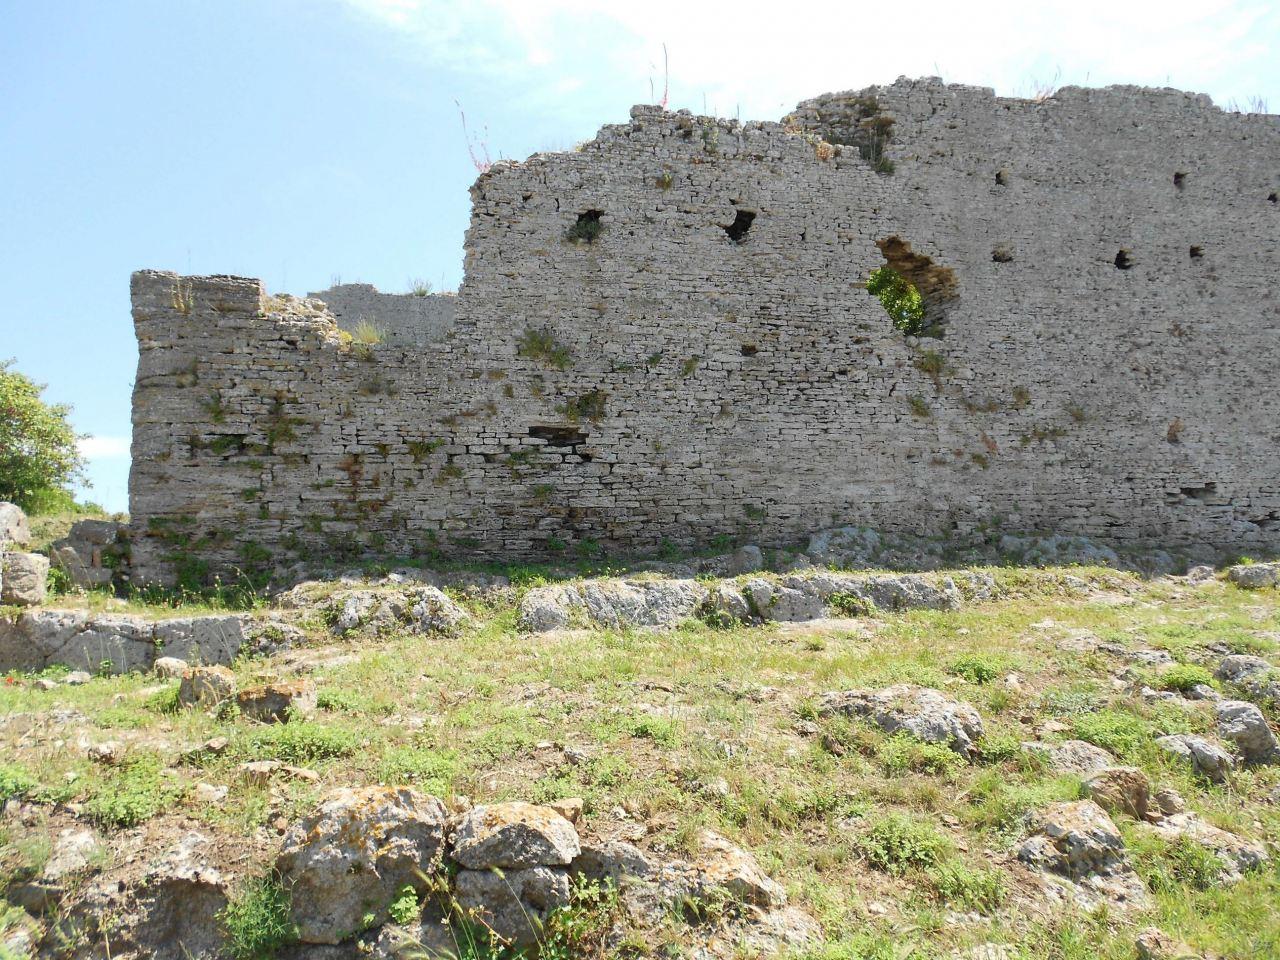 Cosa-Mura-Megalitiche-Ansedonia-Grosseto-Toscana-Italia-40